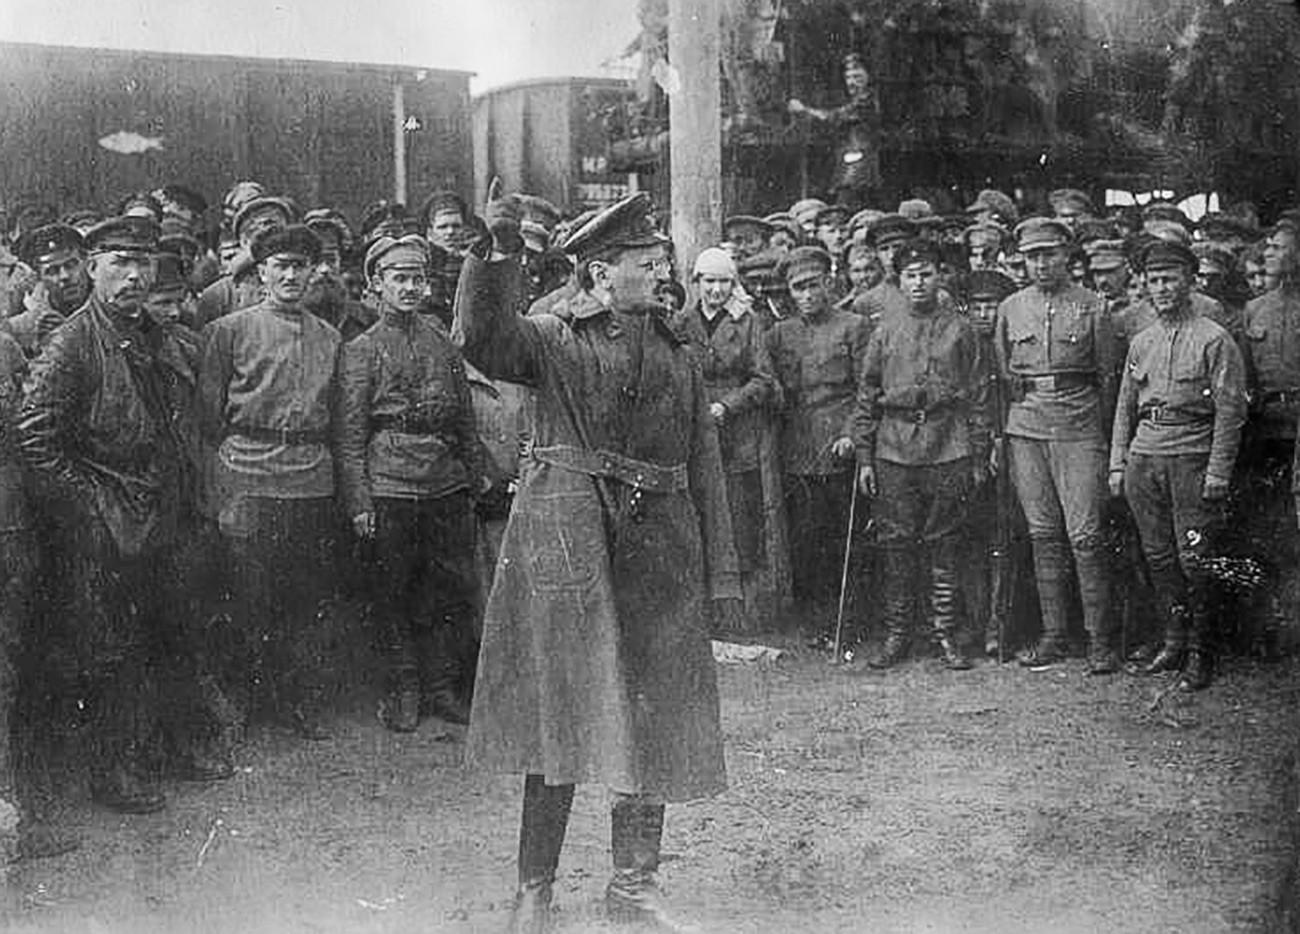 Trótski faz discurso para soldados.